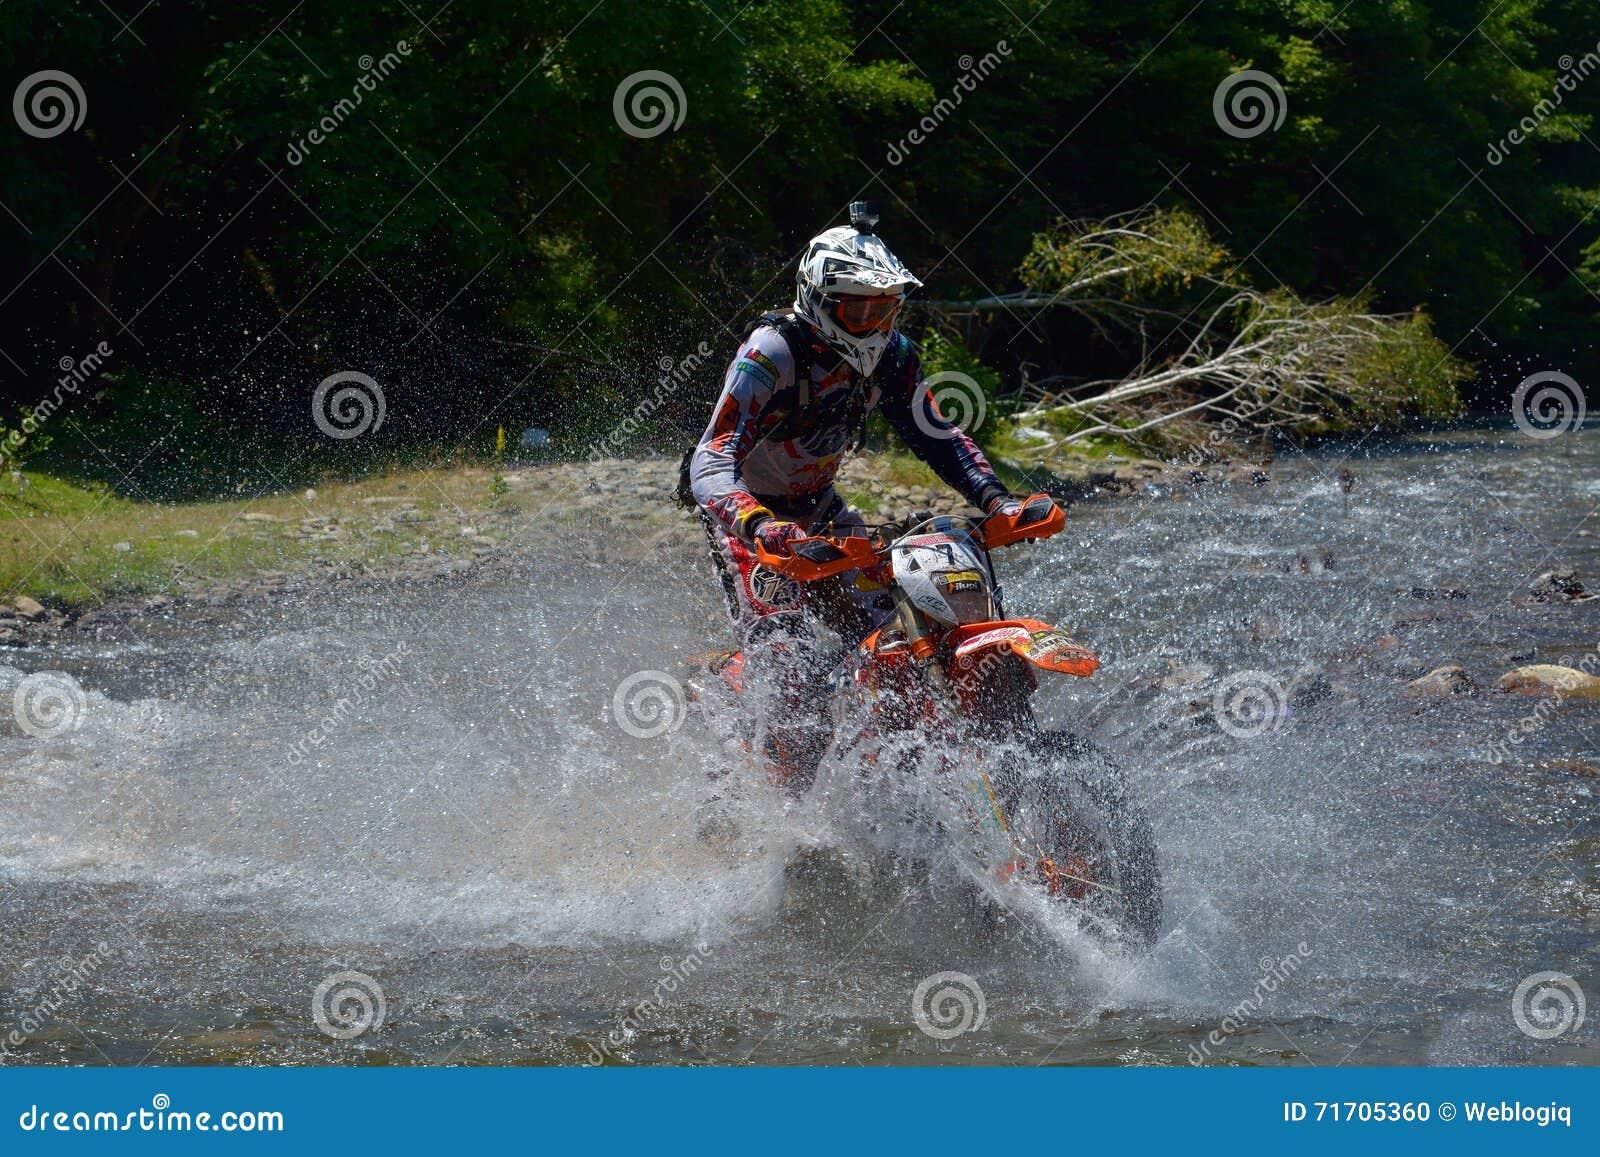 SIBIU, ROUMANIE - 18 JUILLET : Philipp Scholz concurrençant dans le rassemblement dur de Red Bull ROMANIACS Enduro une moto de KT